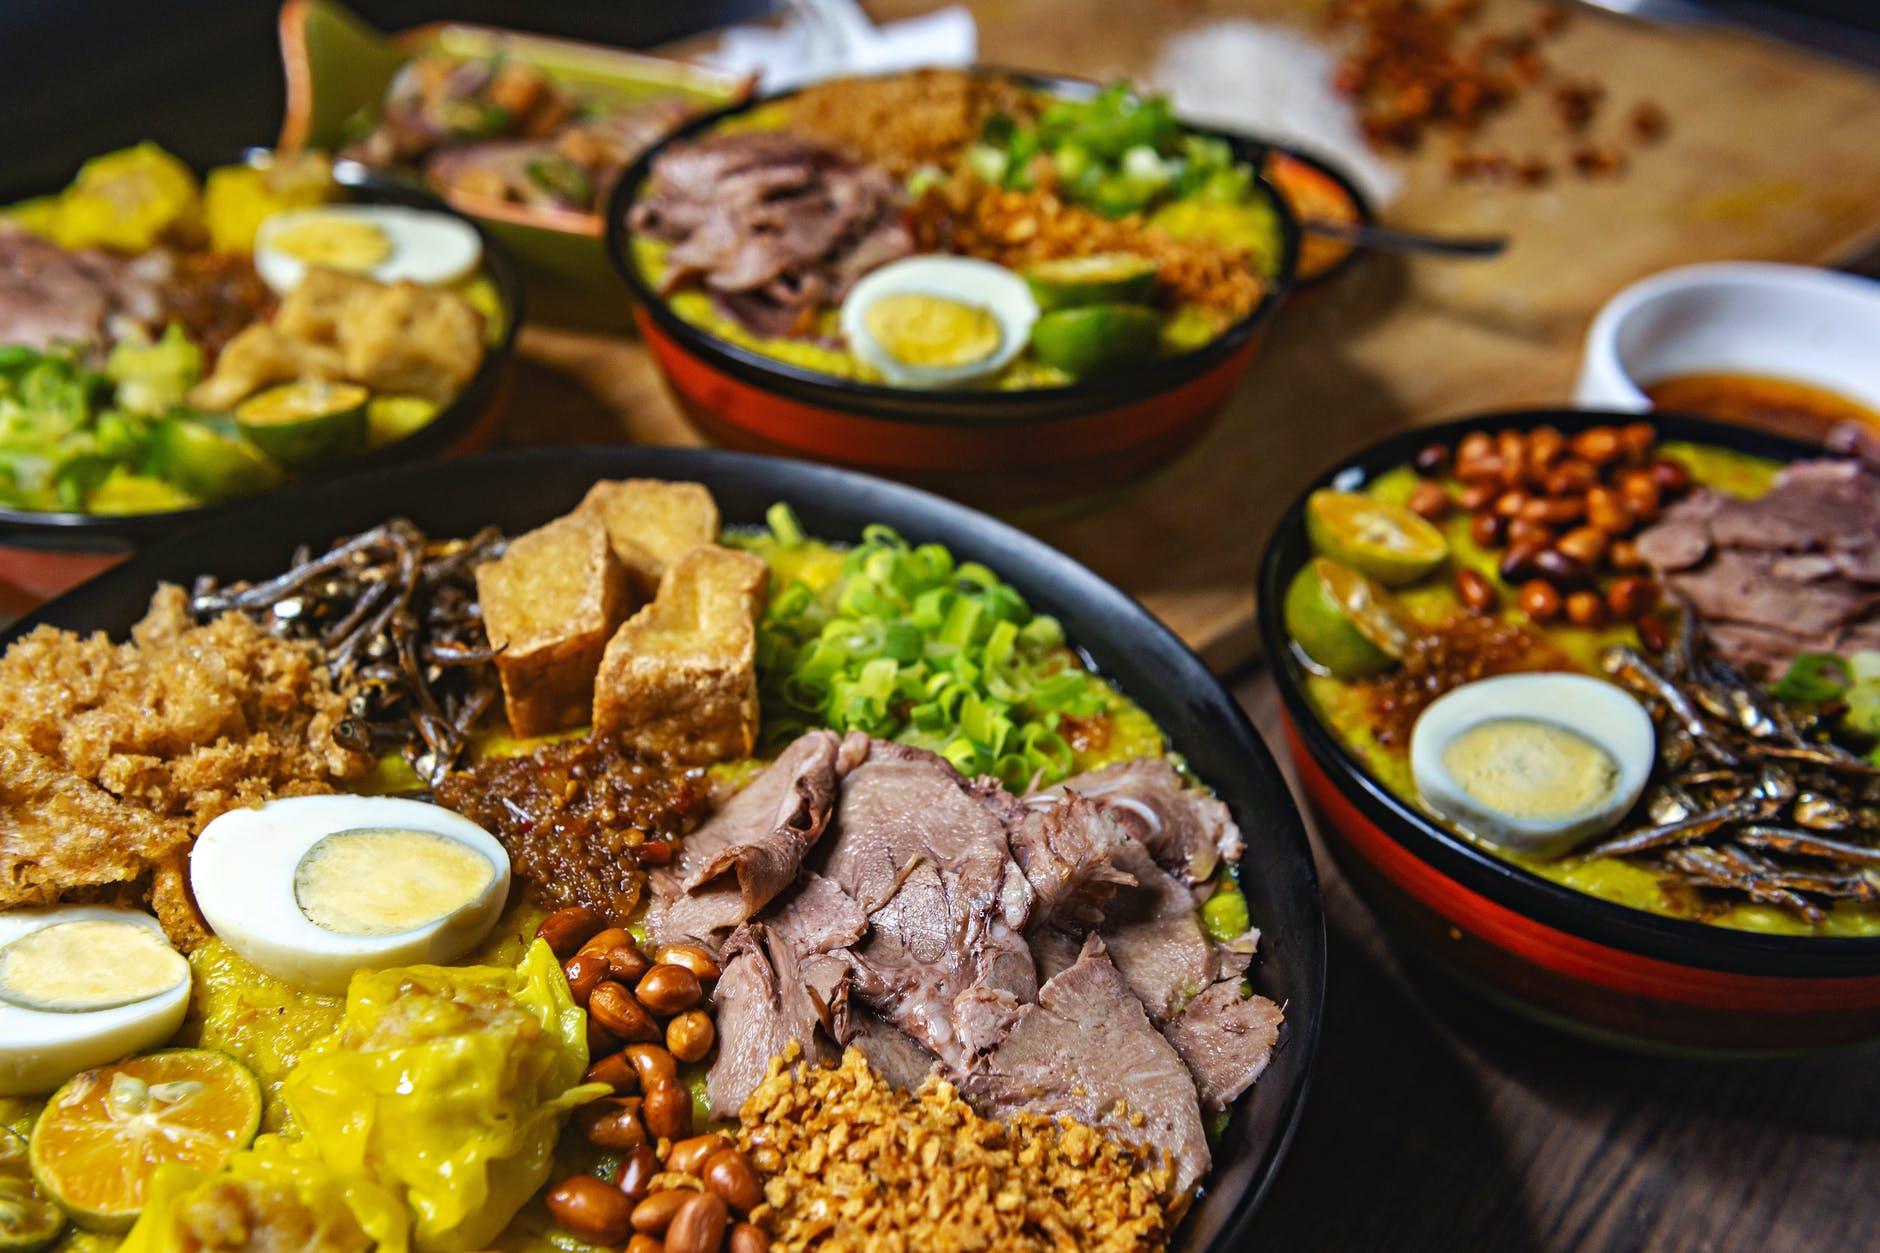 food plate restaurant dinner